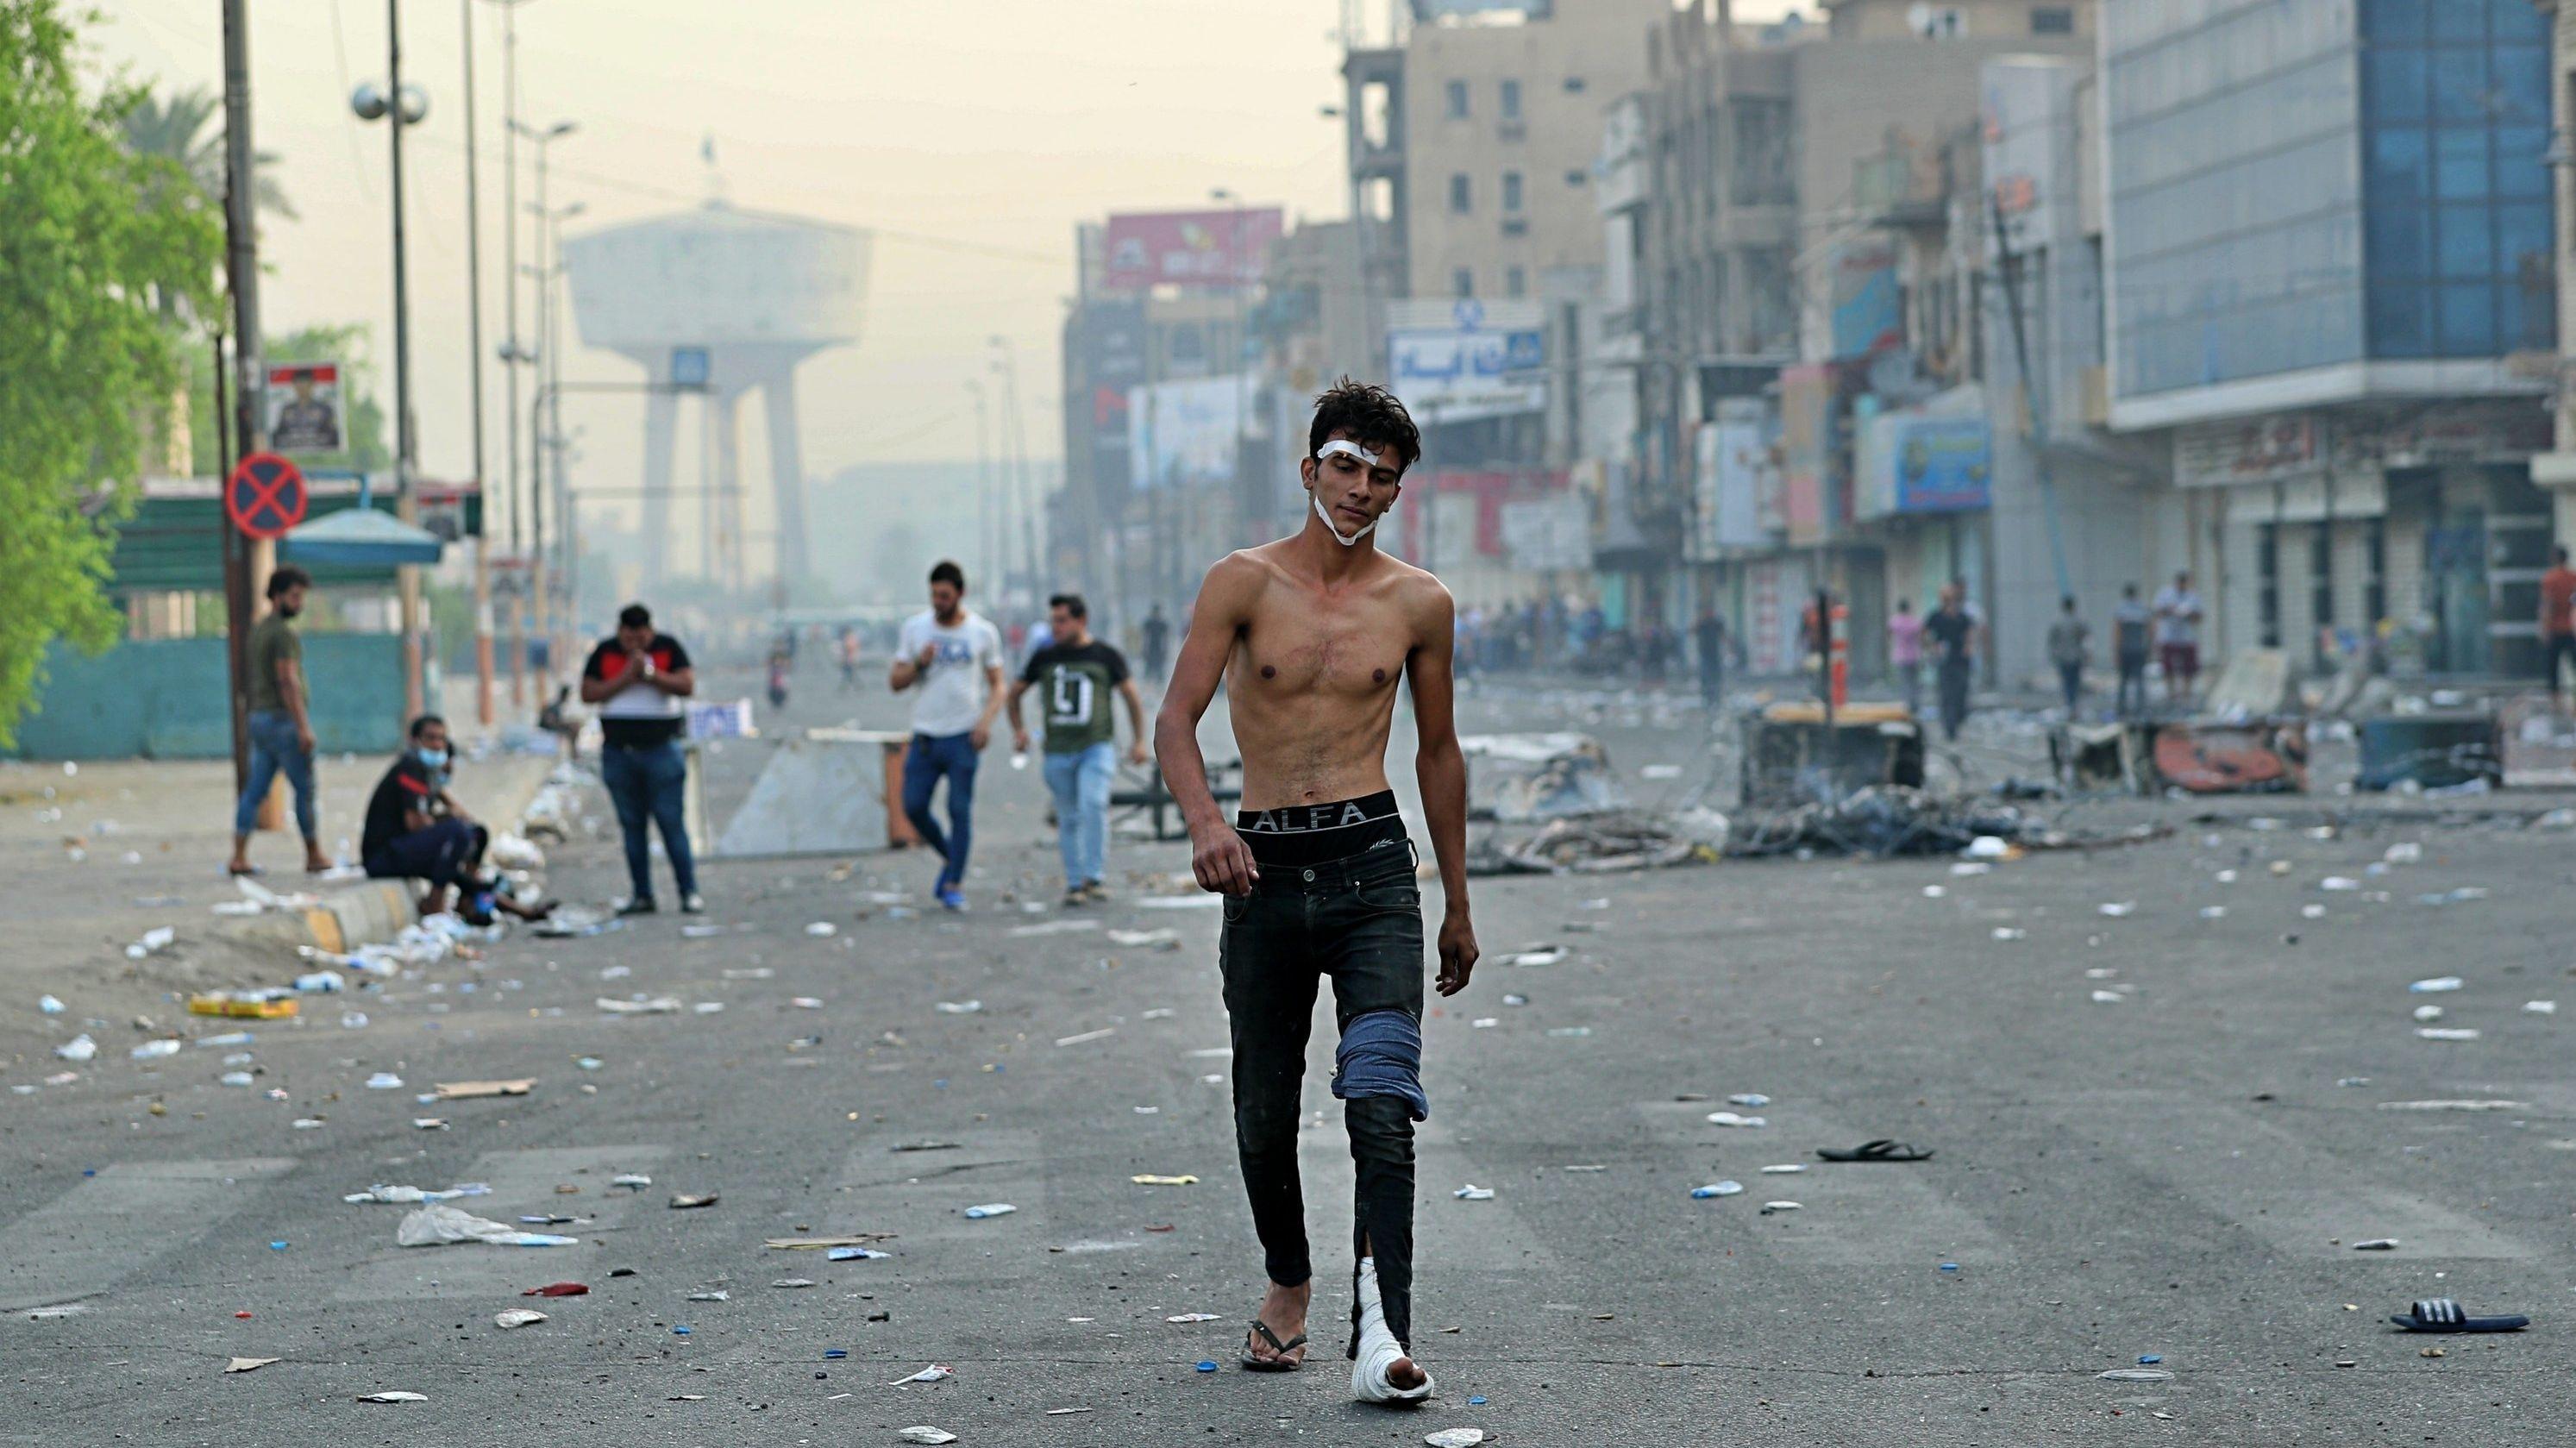 Ein verletzter Mann geht zum TahrirSquare in Bagdad, um sich den regierungsfeindlichen Demonstranten im Zentrum der Hauptstadt anzuschließen, die gegen Korruption und politischen Stillstand demonstrieren.